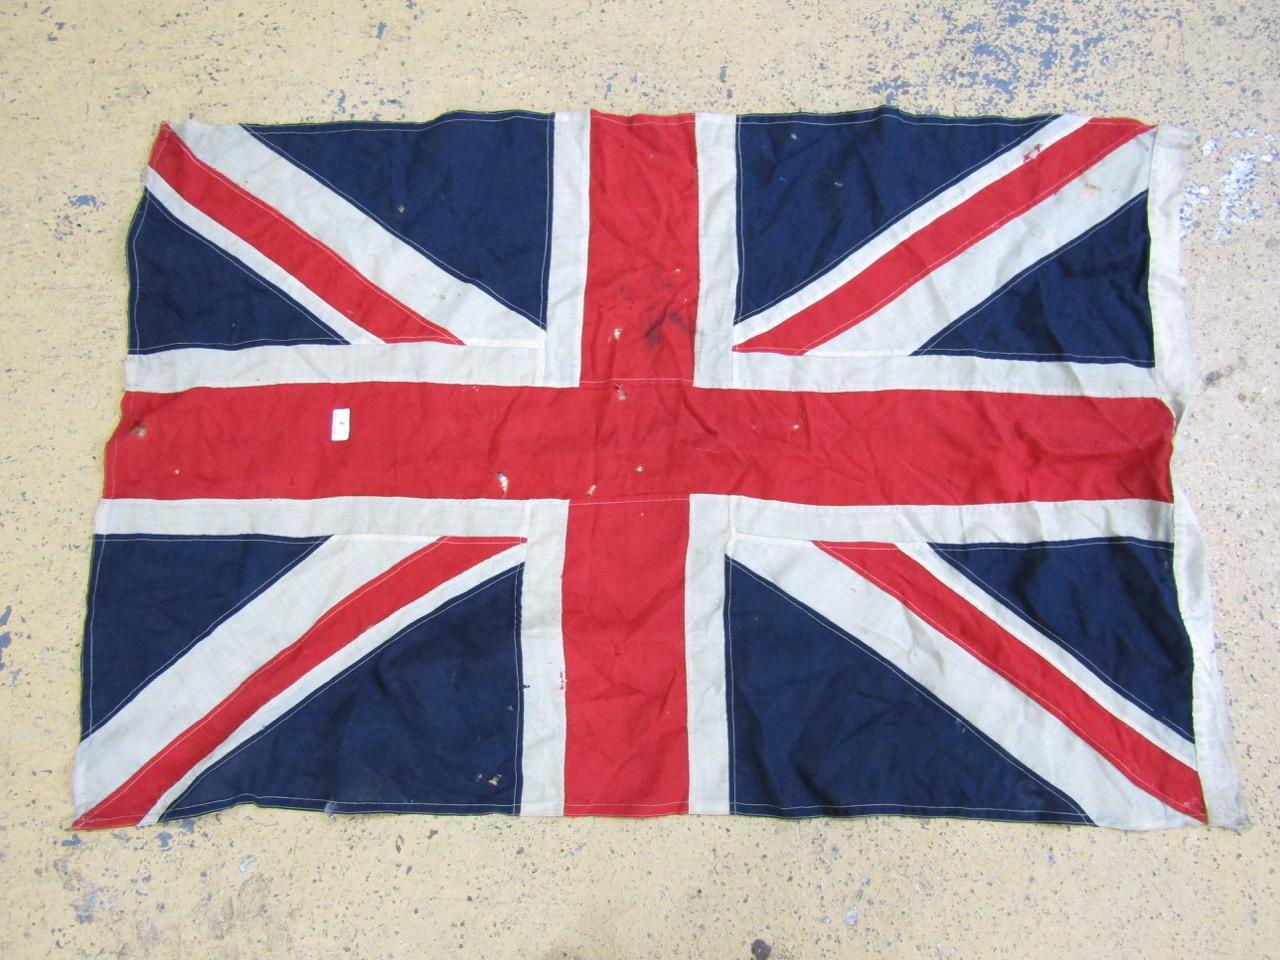 Lot 7 - A vintage cotton Union Jack flag of multi-piece construction